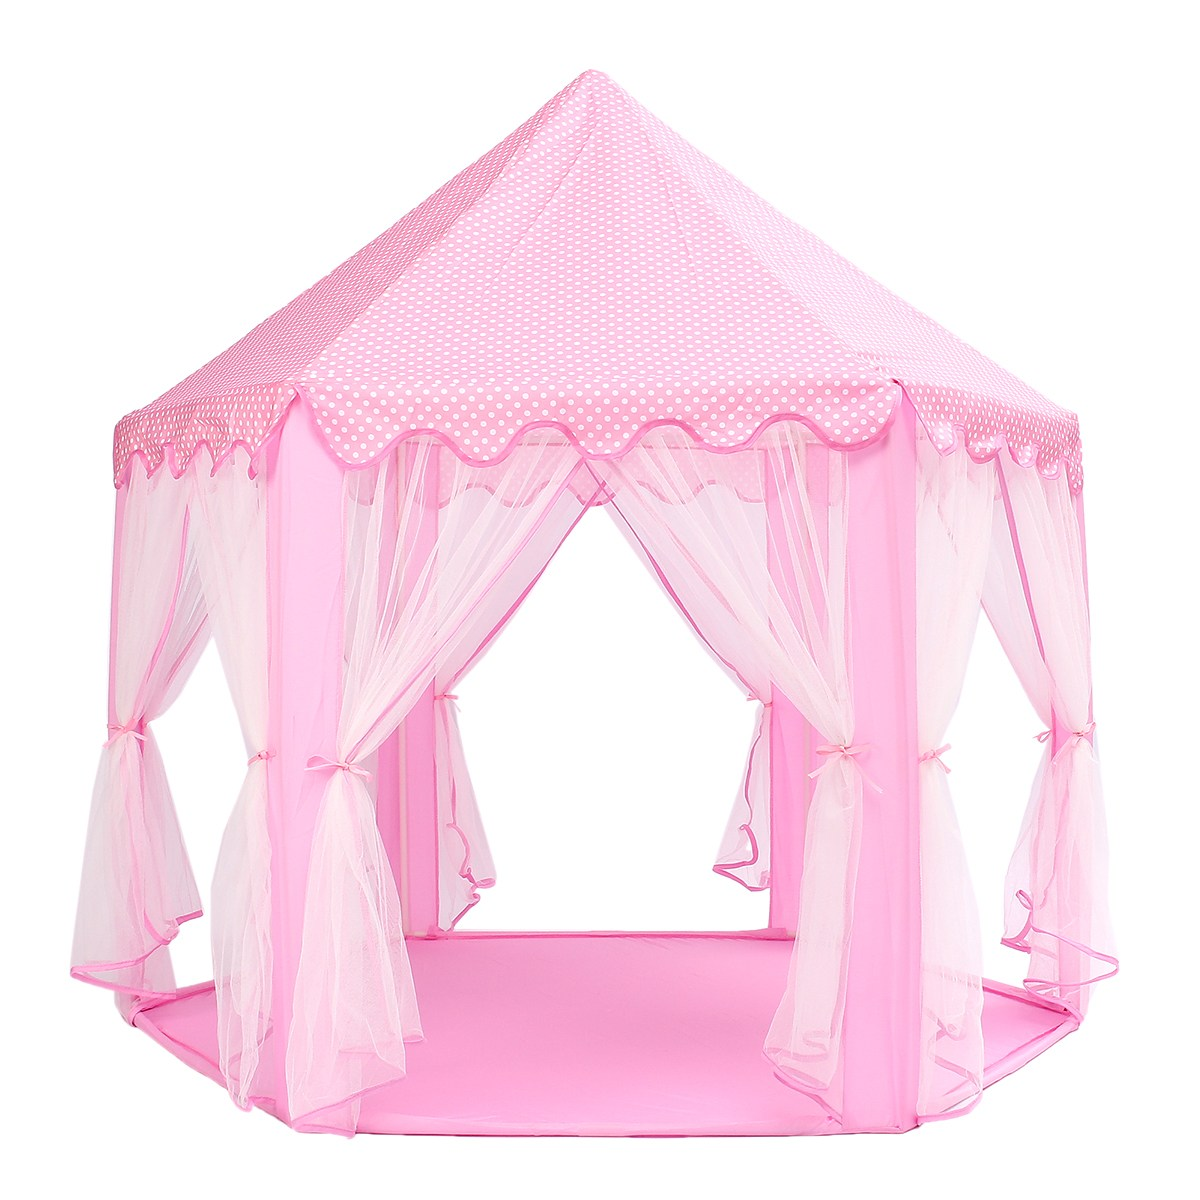 Portable Princesse Château Jouer Tente Activité Fée Maison Fun Playhouse Tente De Plage Bébé jouer Jouet Cadeau Pour Les Enfants - 2